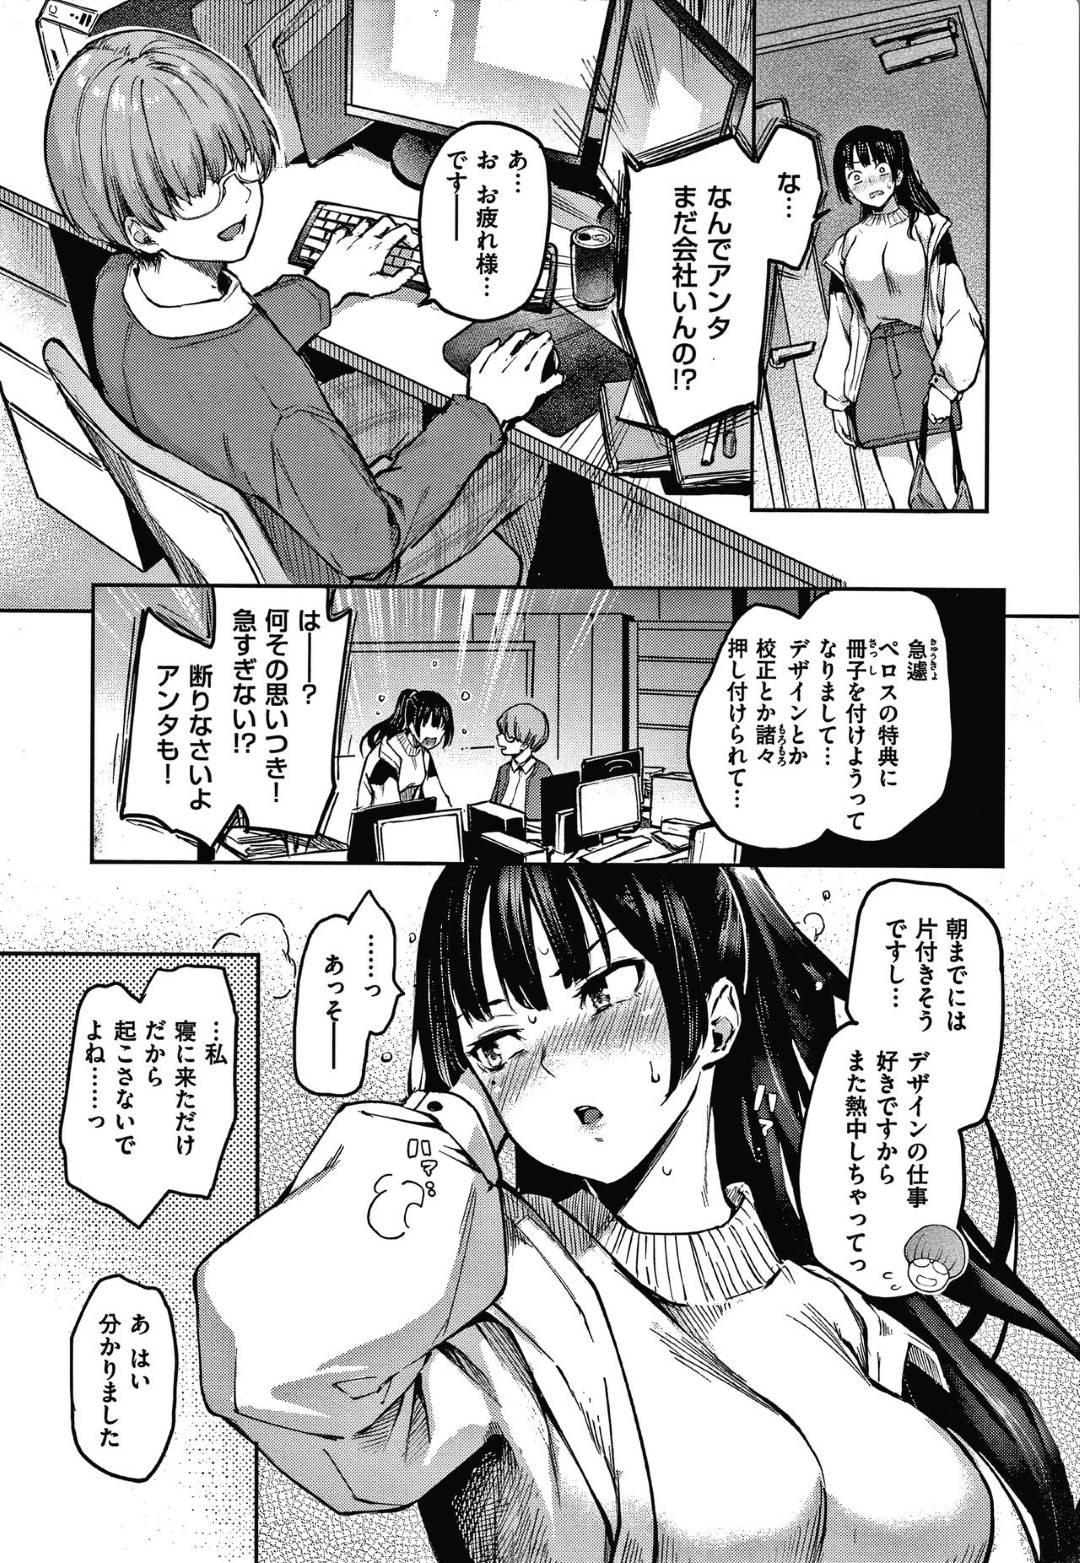 【エロ漫画】会社に泊まることにしたビッチお姉さんは、残業しているオタク男子とイチャラブ生ハメセックス